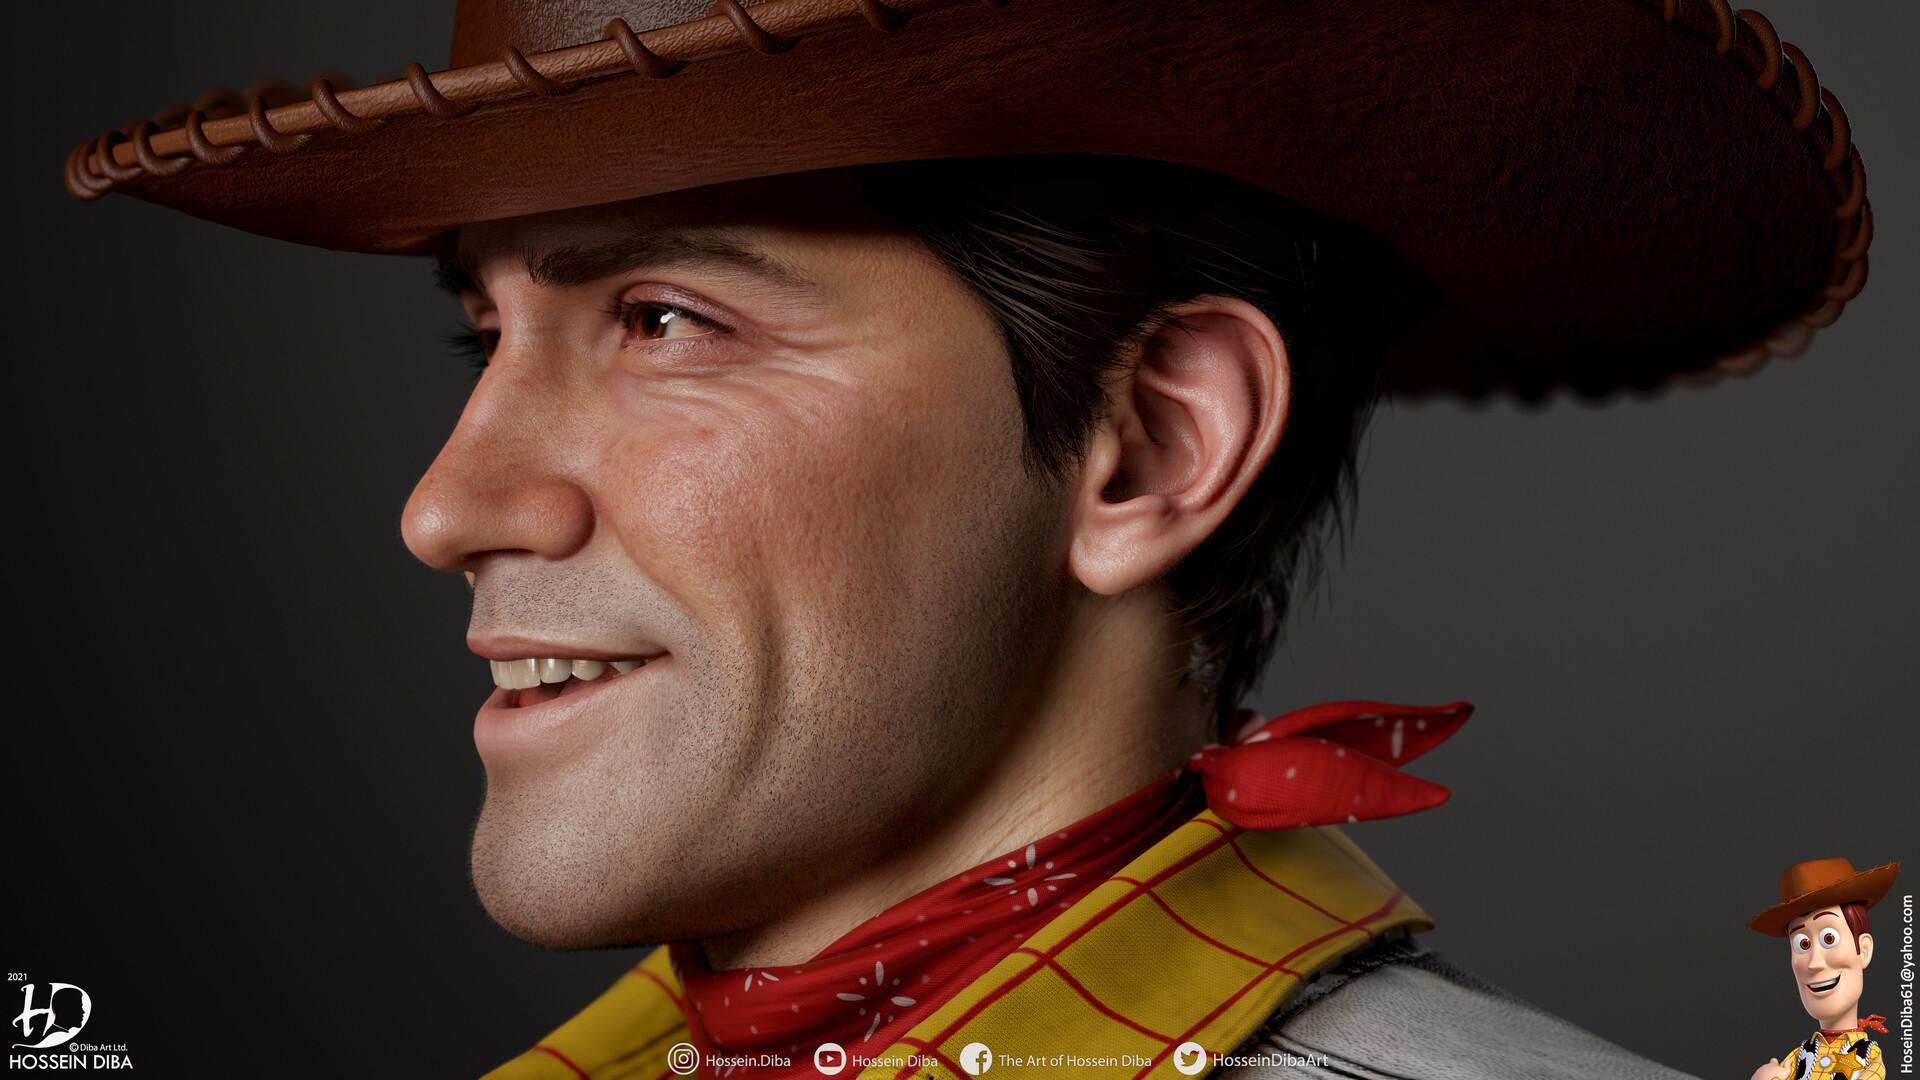 """3D-художник делал реалистичного Вуди из """"Истории игрушек"""", а получился Артур Морган из Red Dead Redemption 2"""